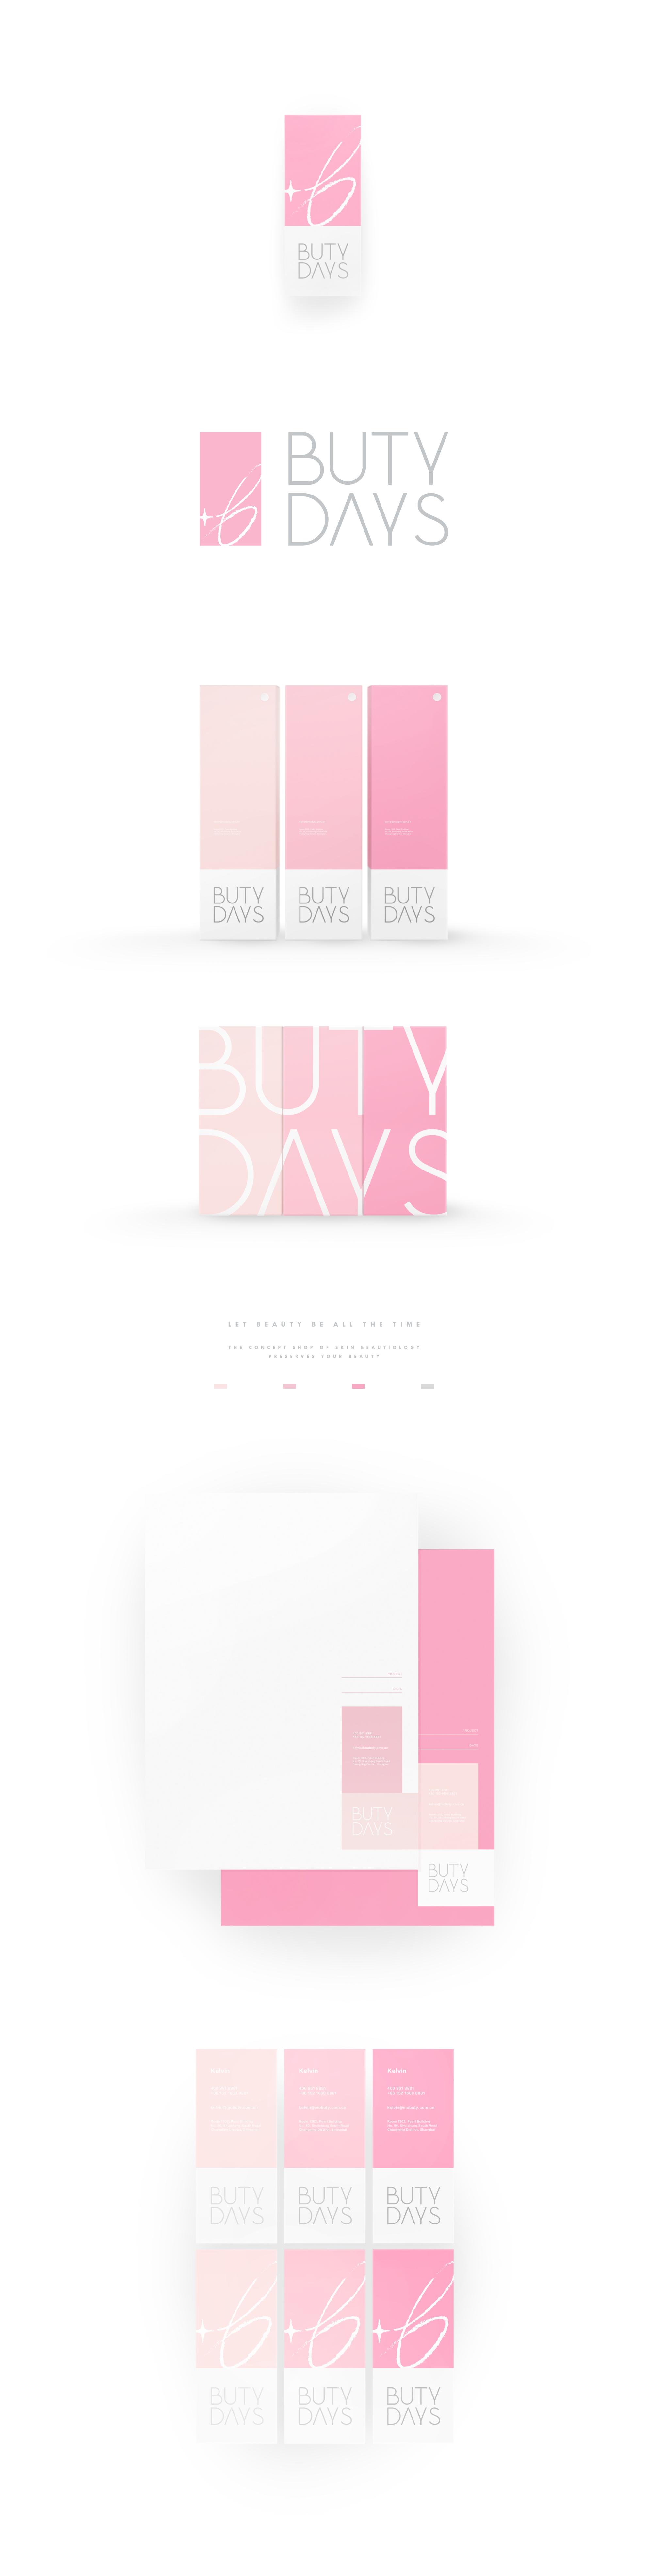 Buty Days